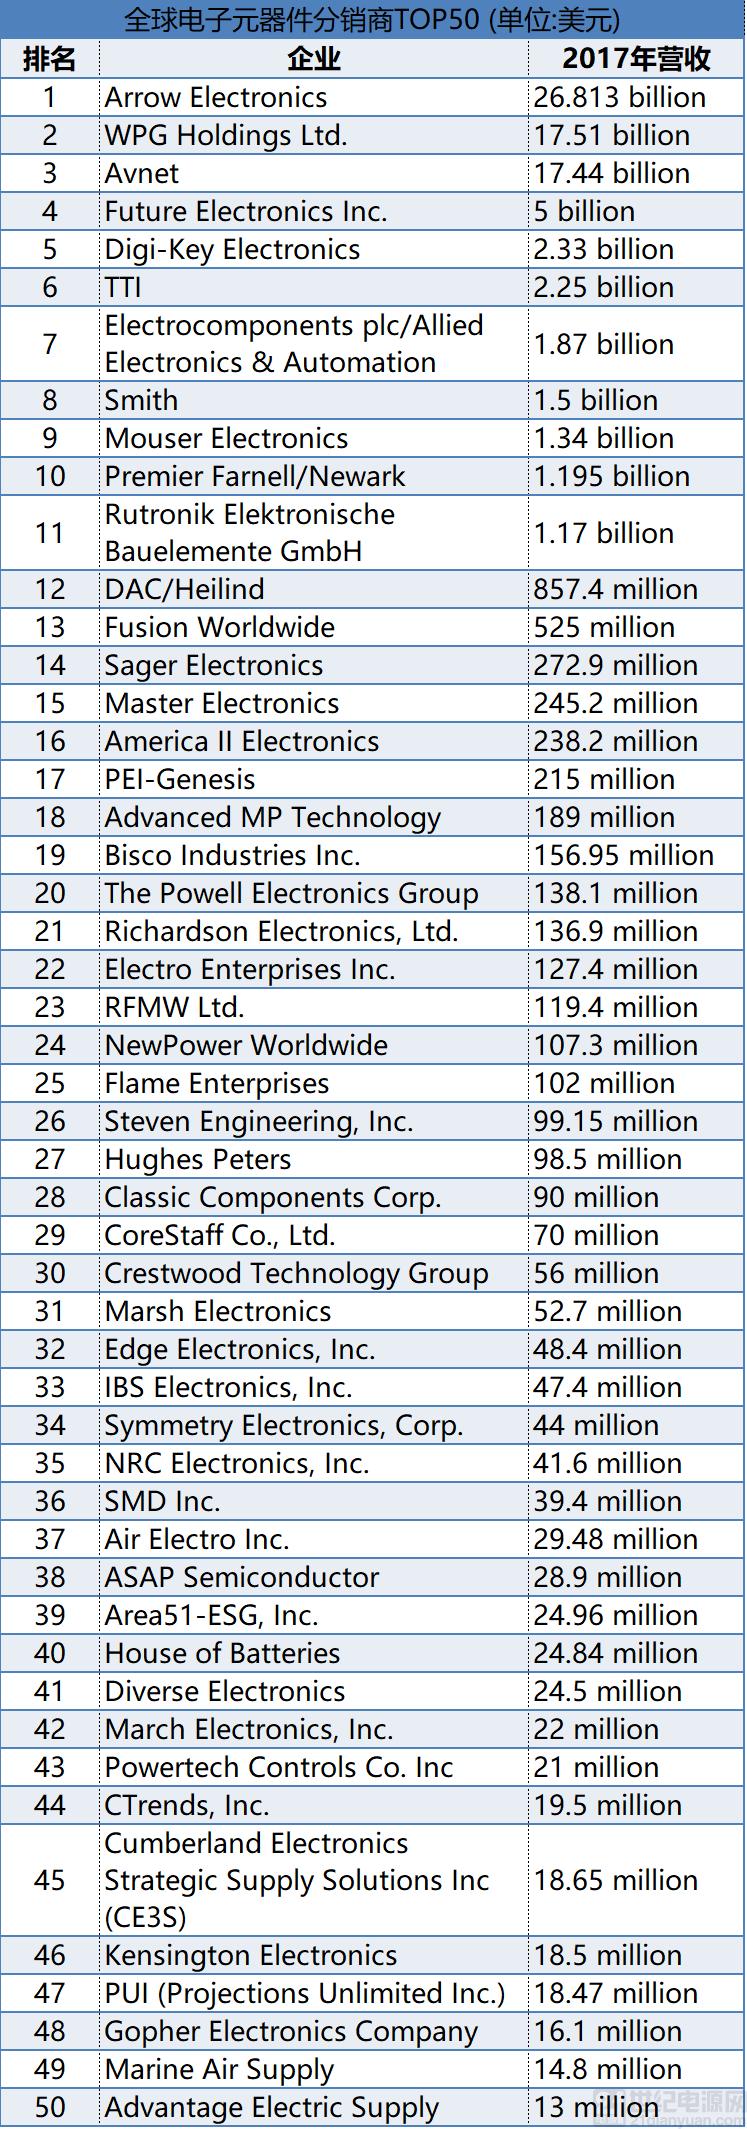 全球电子元器件分销商TOP50排名出炉